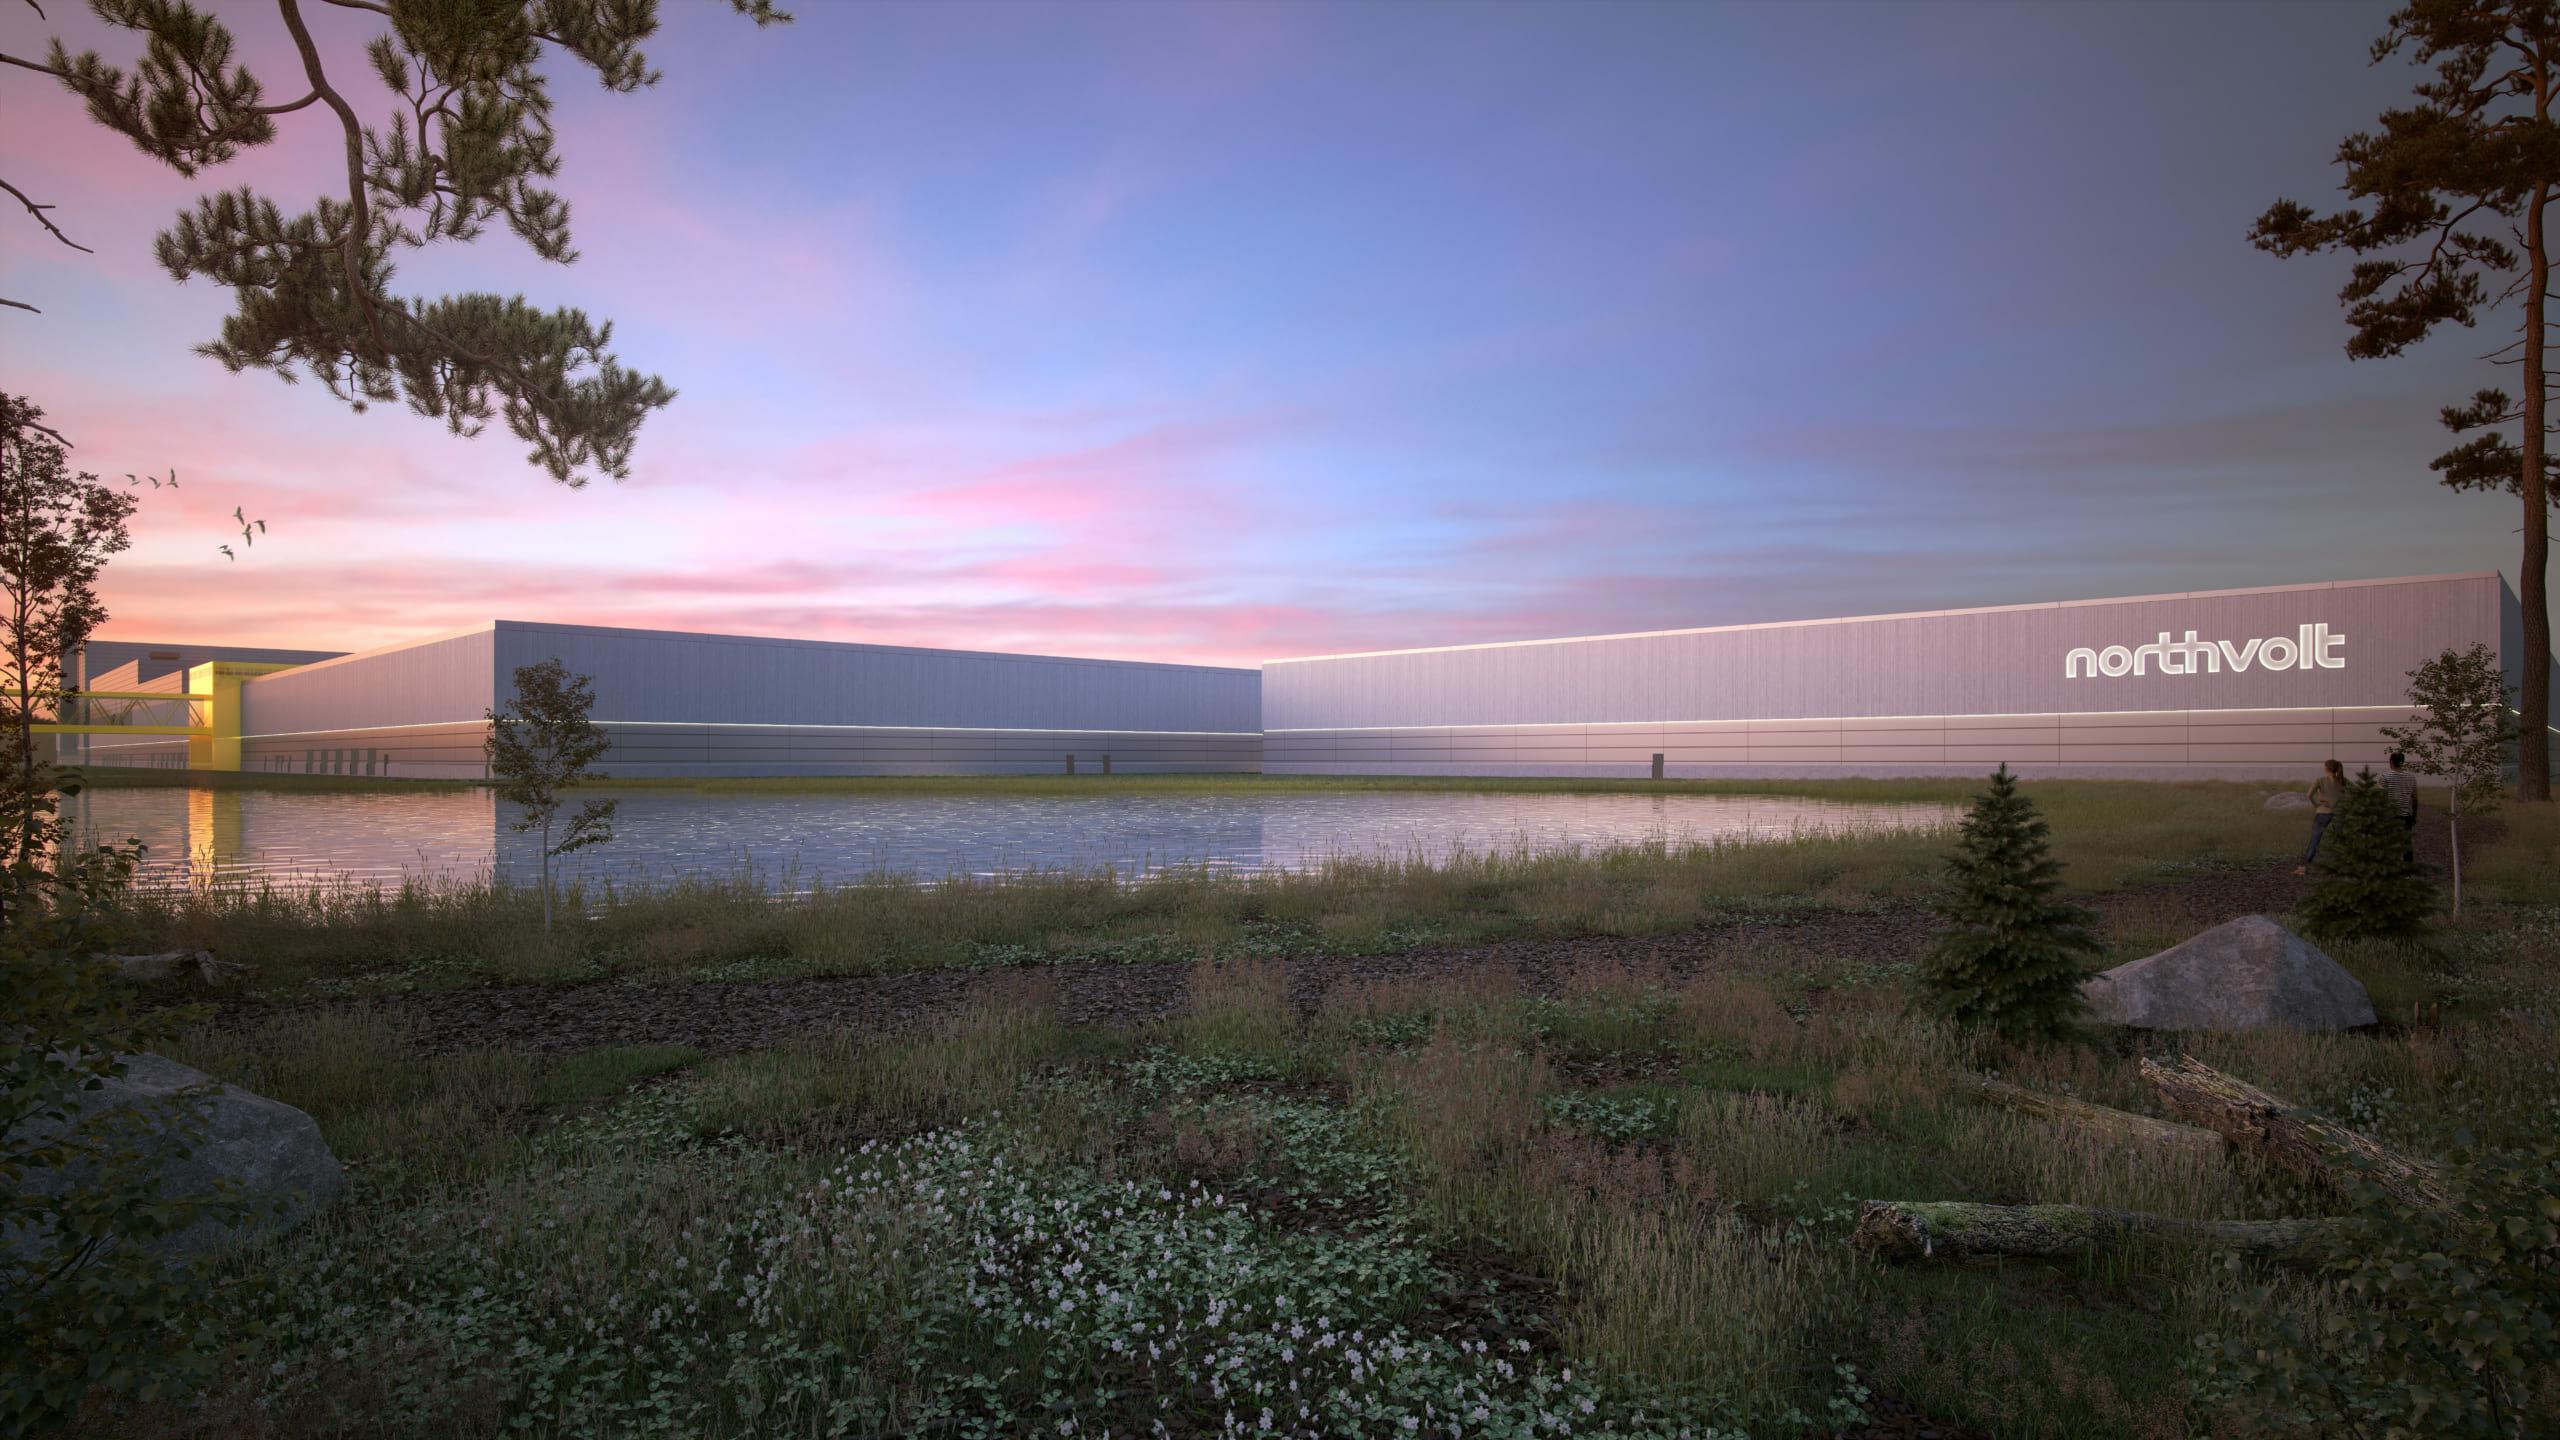 電気自動車用バッテリー企業『ノースボルト』社CEOインタビュー【パート2】~EV市場の成長と水力発電~ | EVsmartブログ